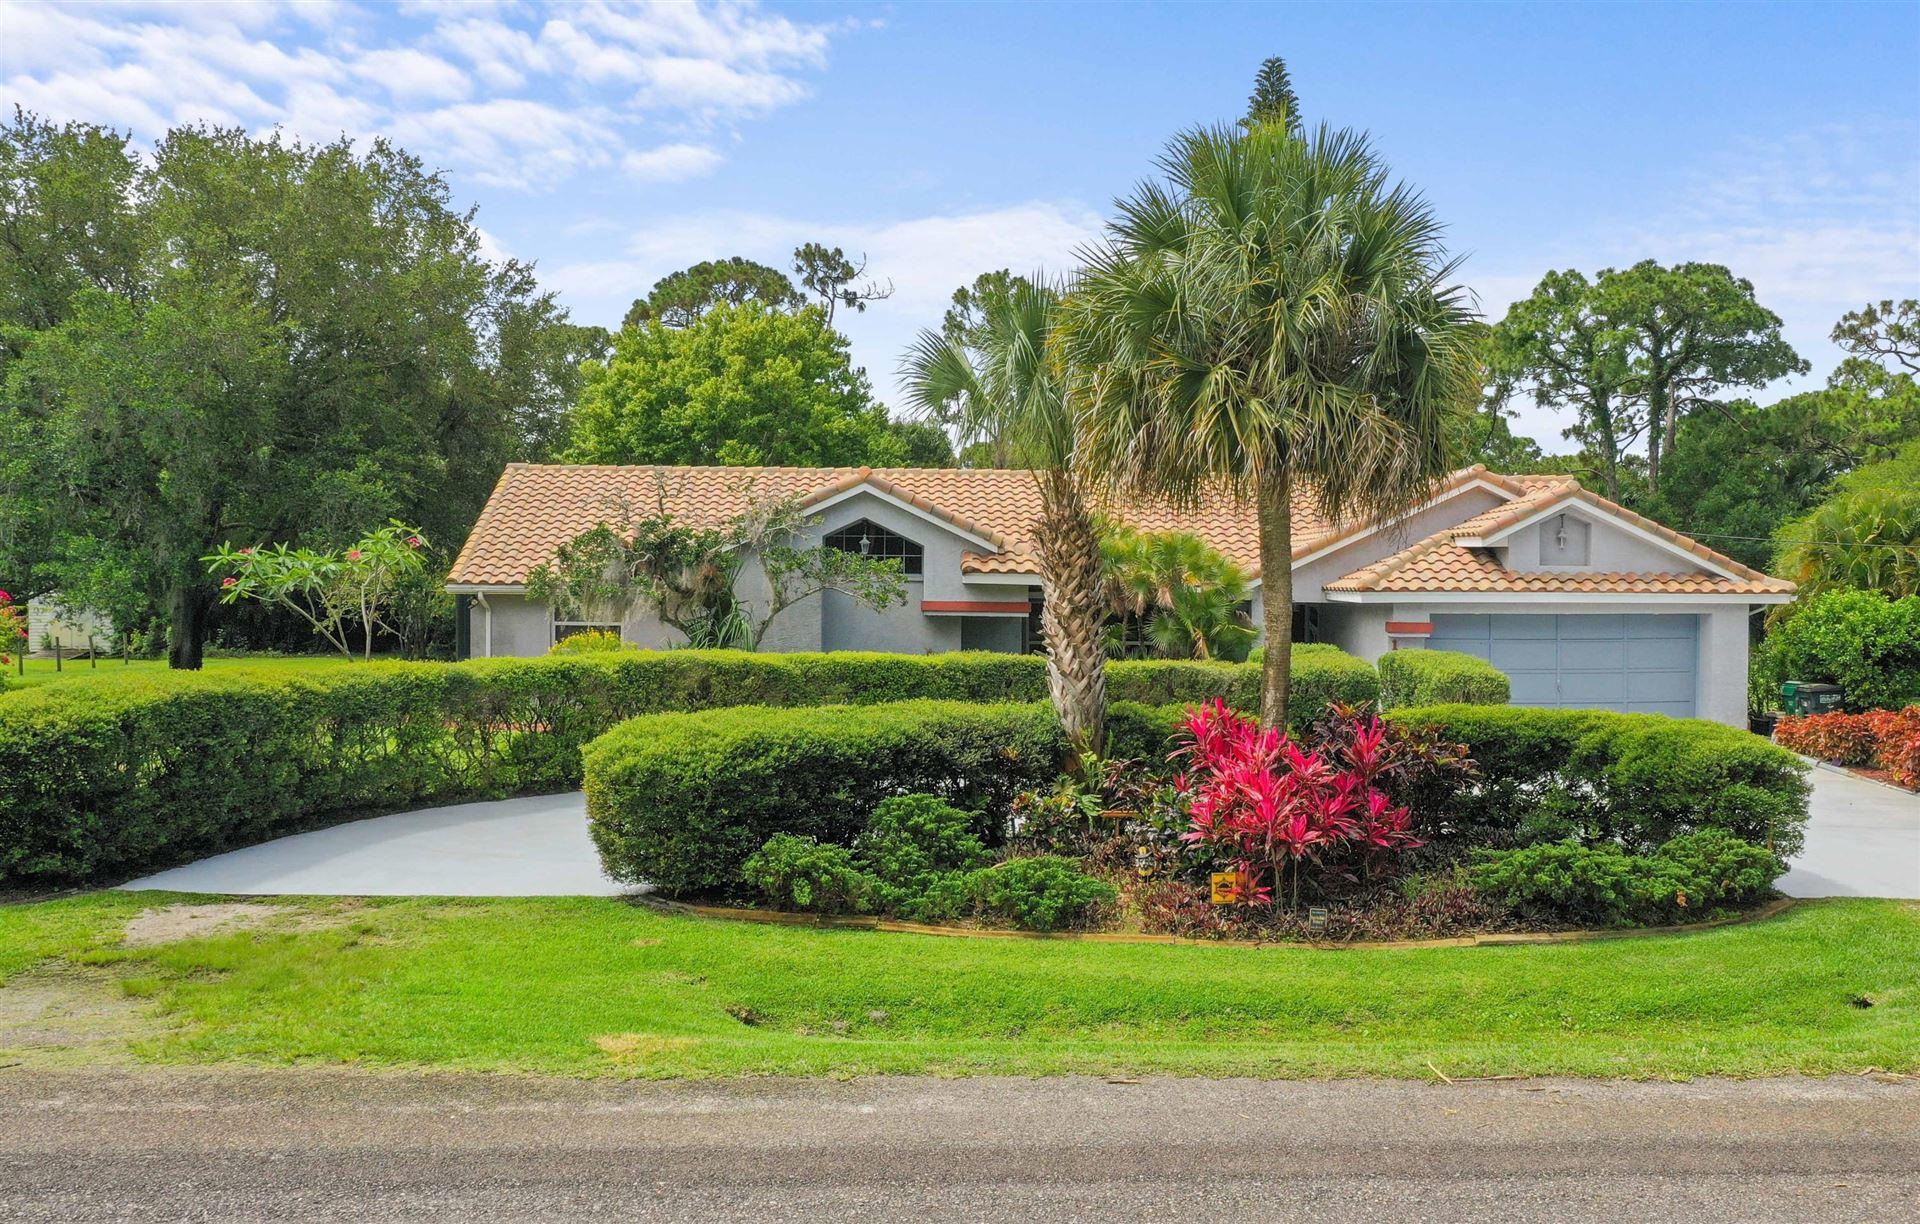 191 Tumblin Kling Road, Fort Pierce, FL 34982 - #: RX-10622961